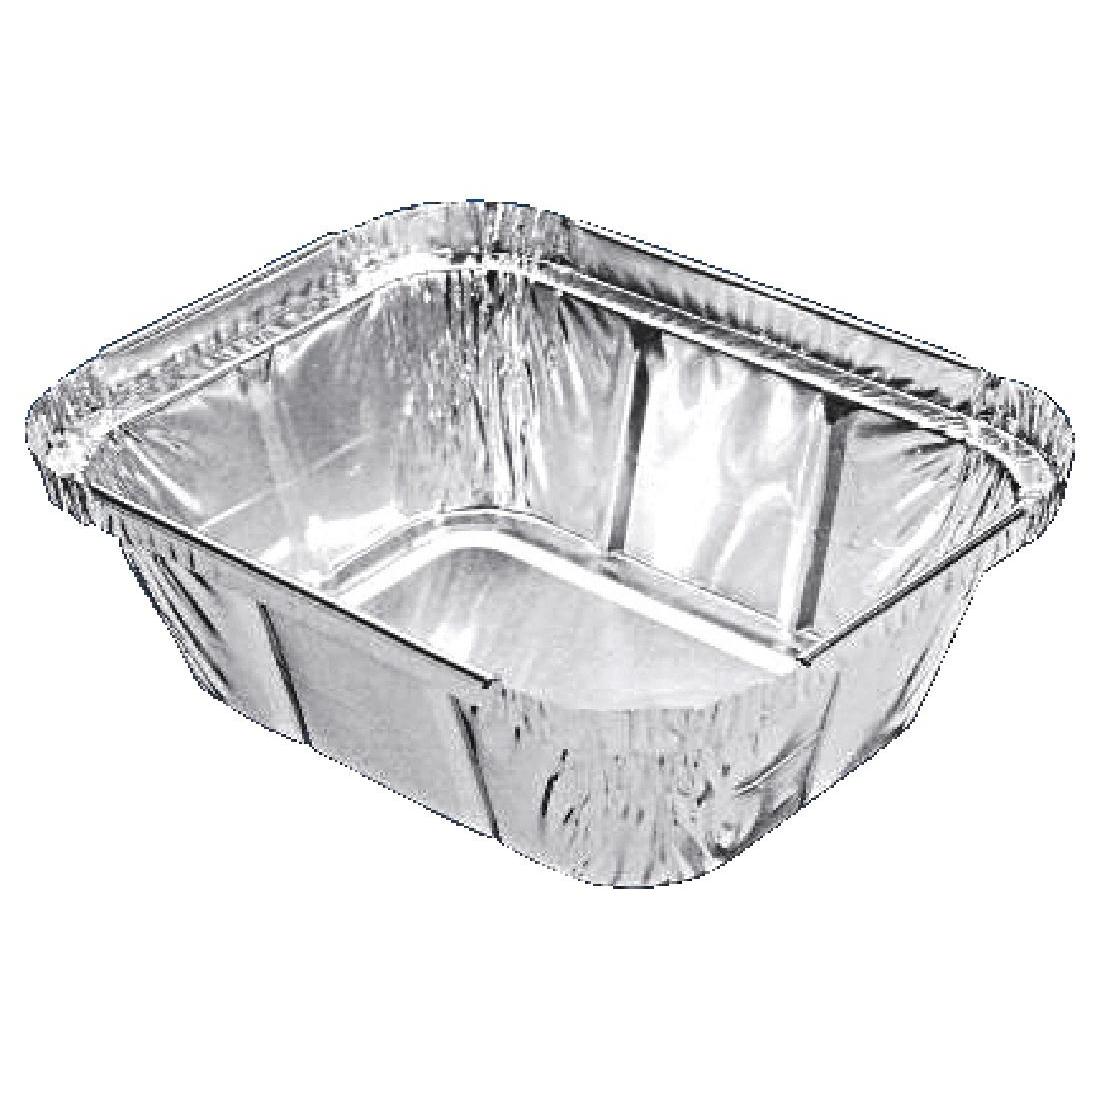 Petites barquettes rectangulaires aluminium par 1000